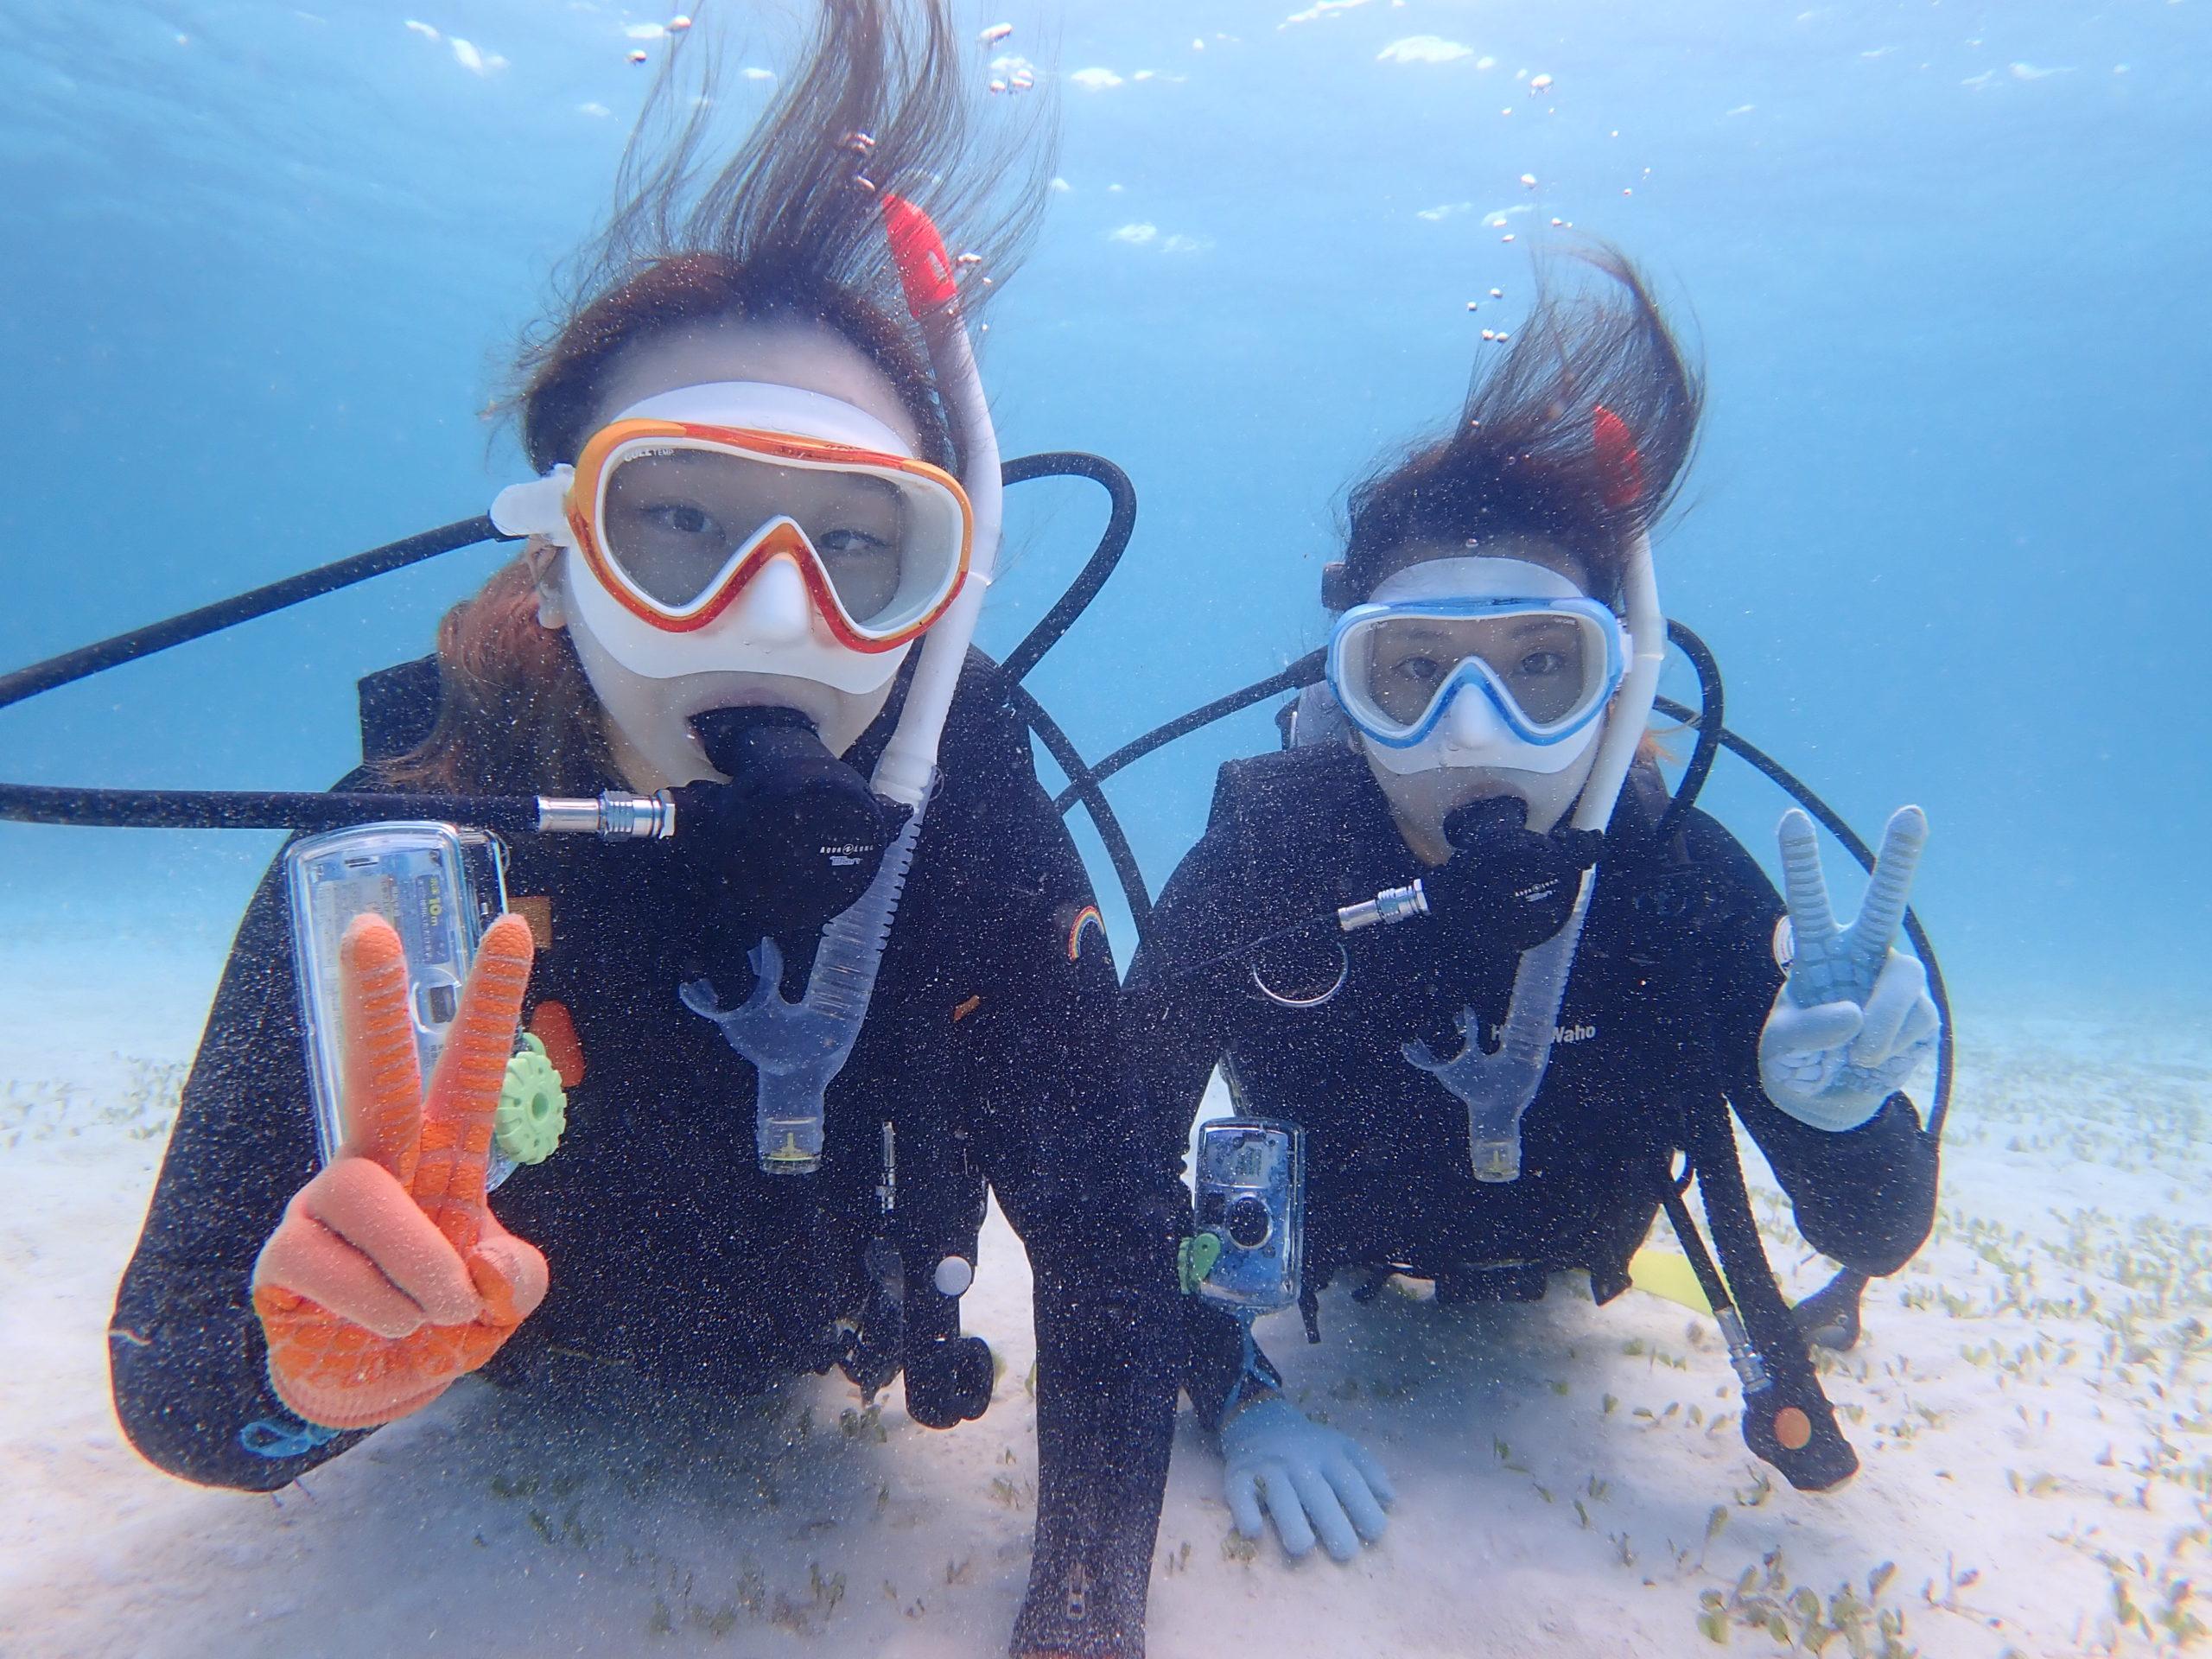 【地域共通クーポン対象】ウミガメシュノーケリング付き!半日体験ダイビングツアーPMコース(No.452)